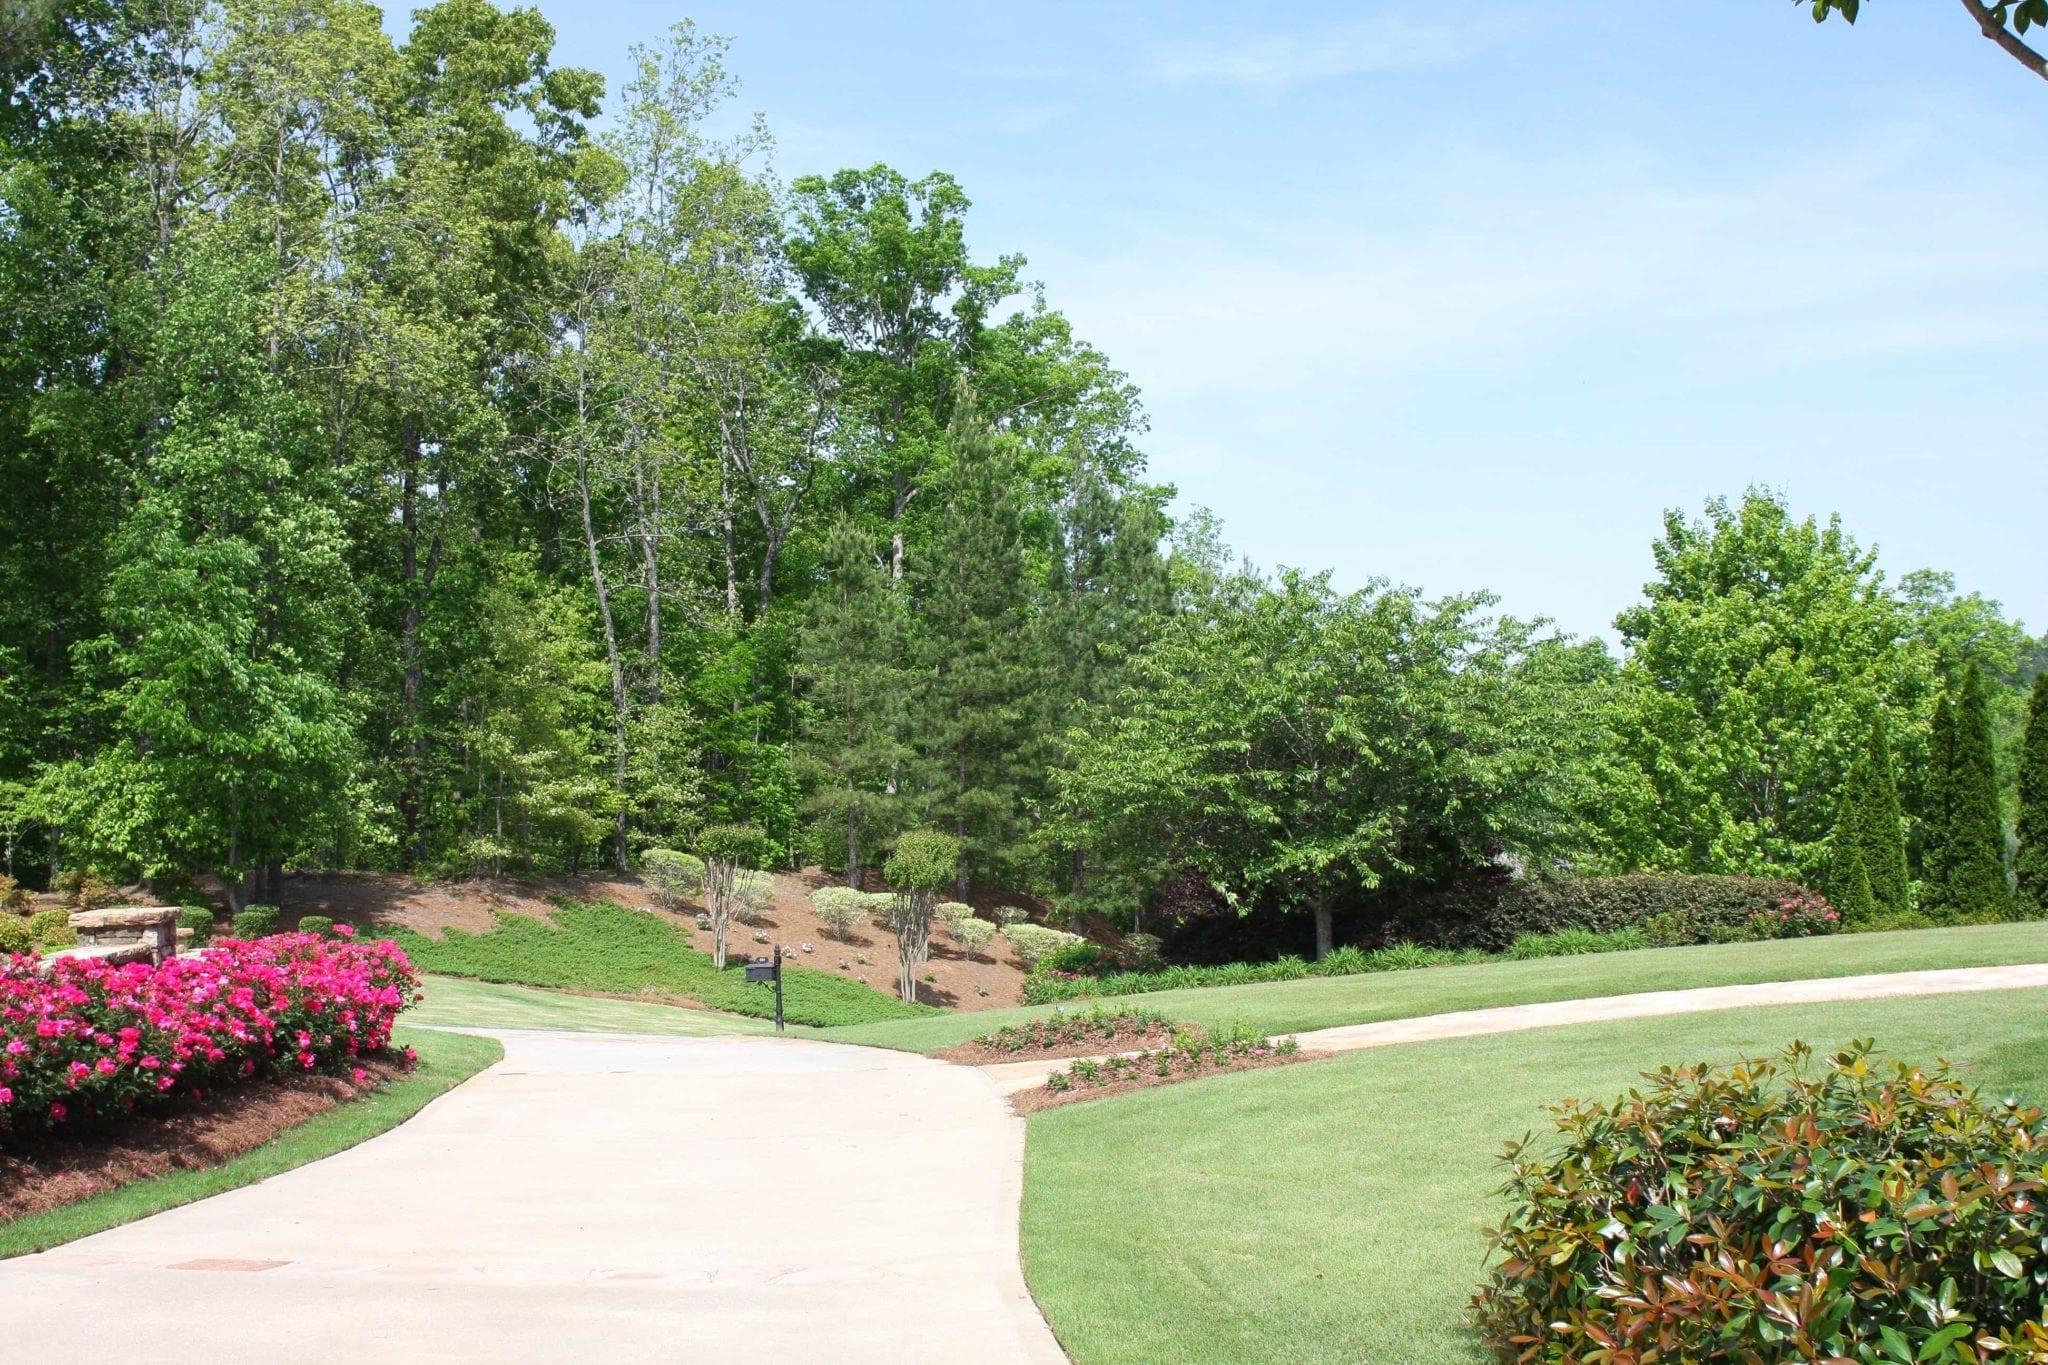 Atlanta trees and greenery.